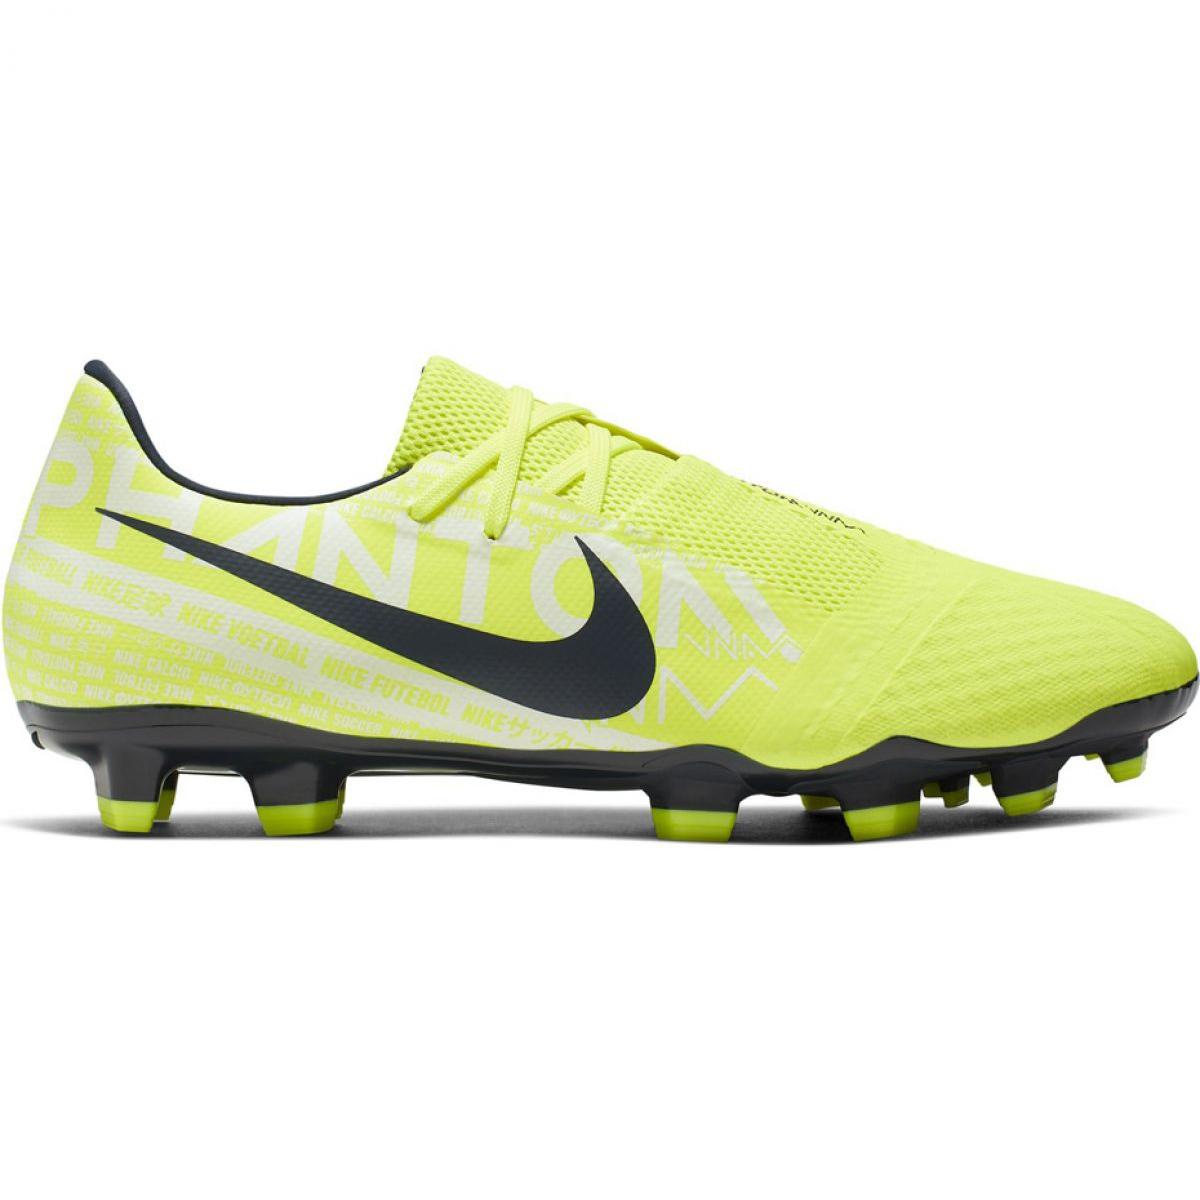 Détails sur Chaussures de foot Nike Phantom Venom Academy Fg M AO0566 717 jaune